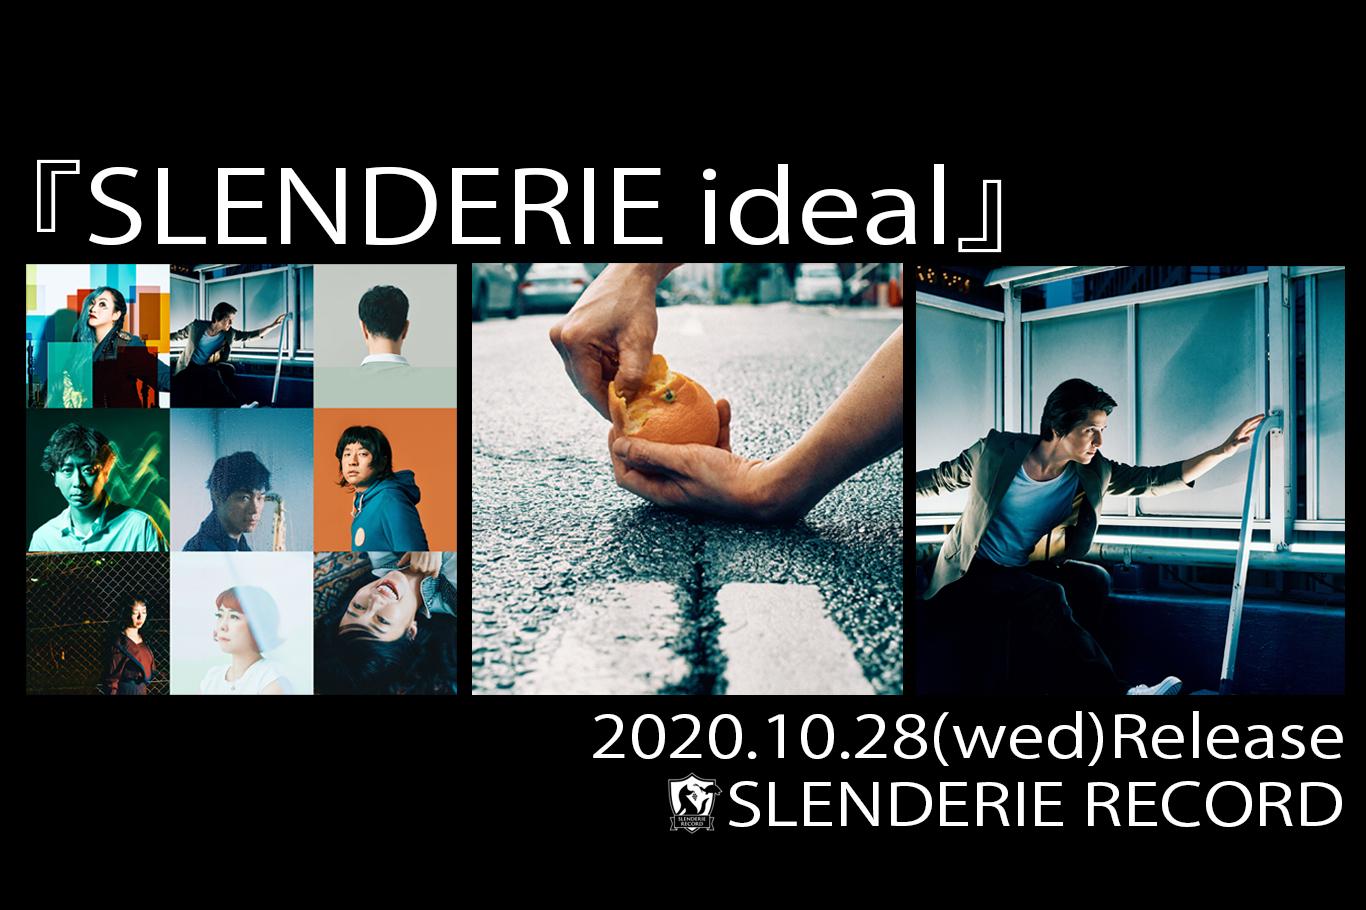 『SLENDERIE ideal』ヘッダー